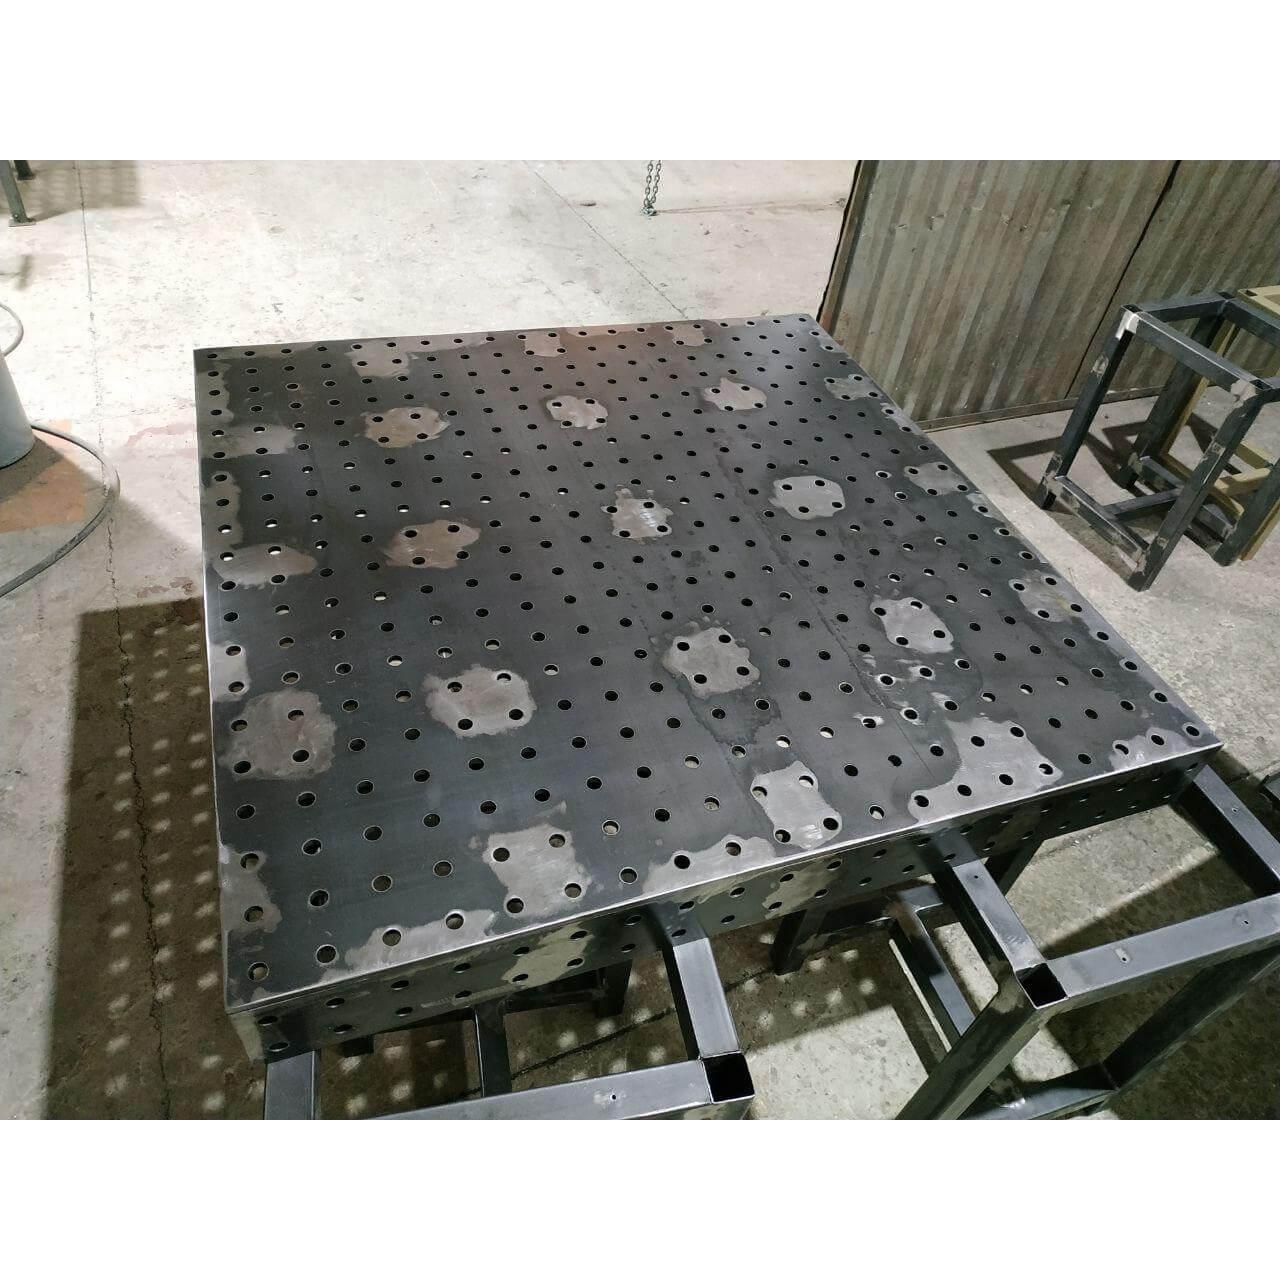 стол сварочный сборочный толщиной 6 8 10 12 мм с отверстиями 10 12 16 28 4